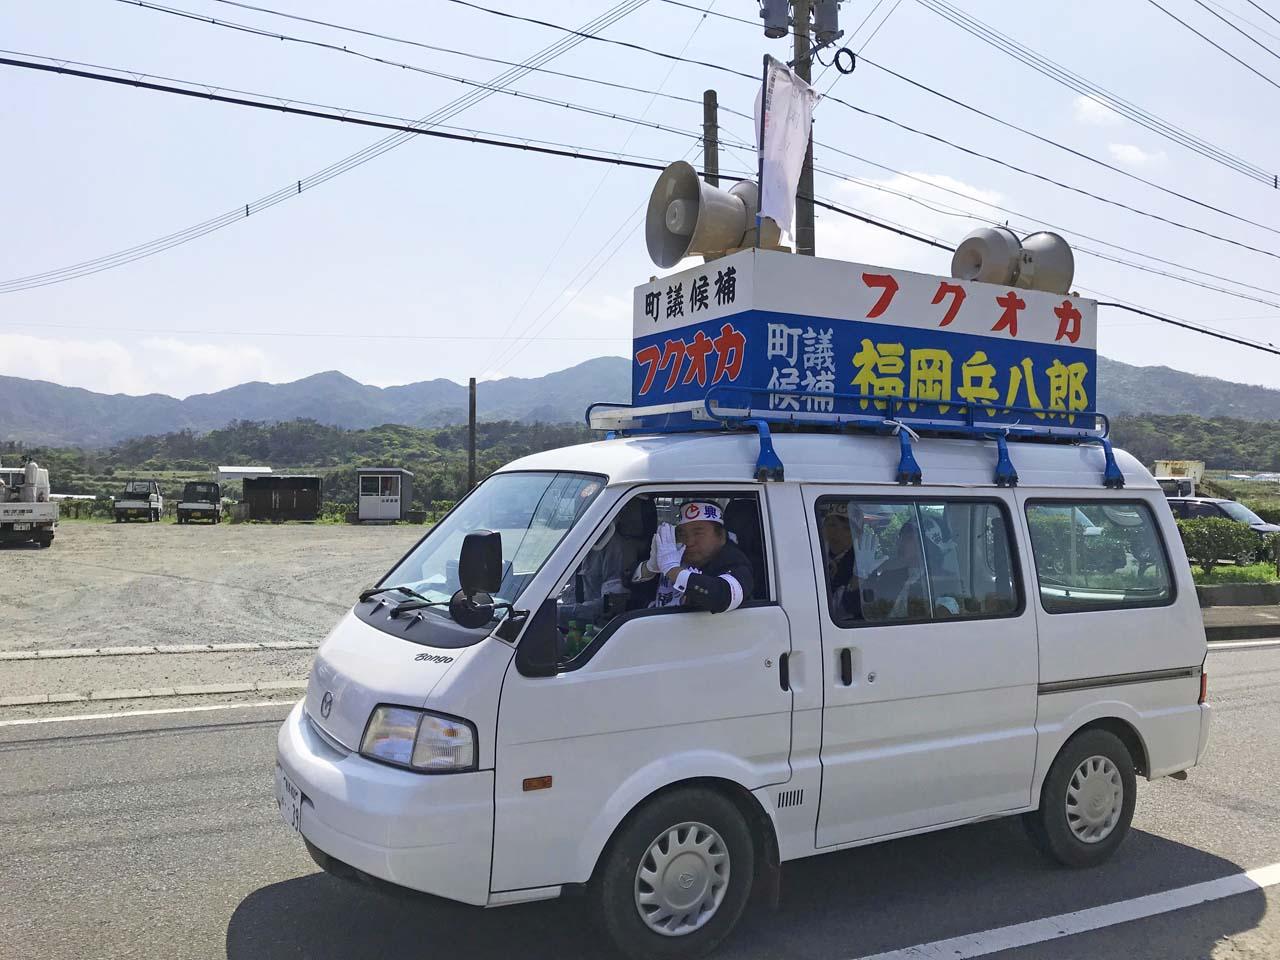 遊説する福岡兵八郎候補の選挙カー